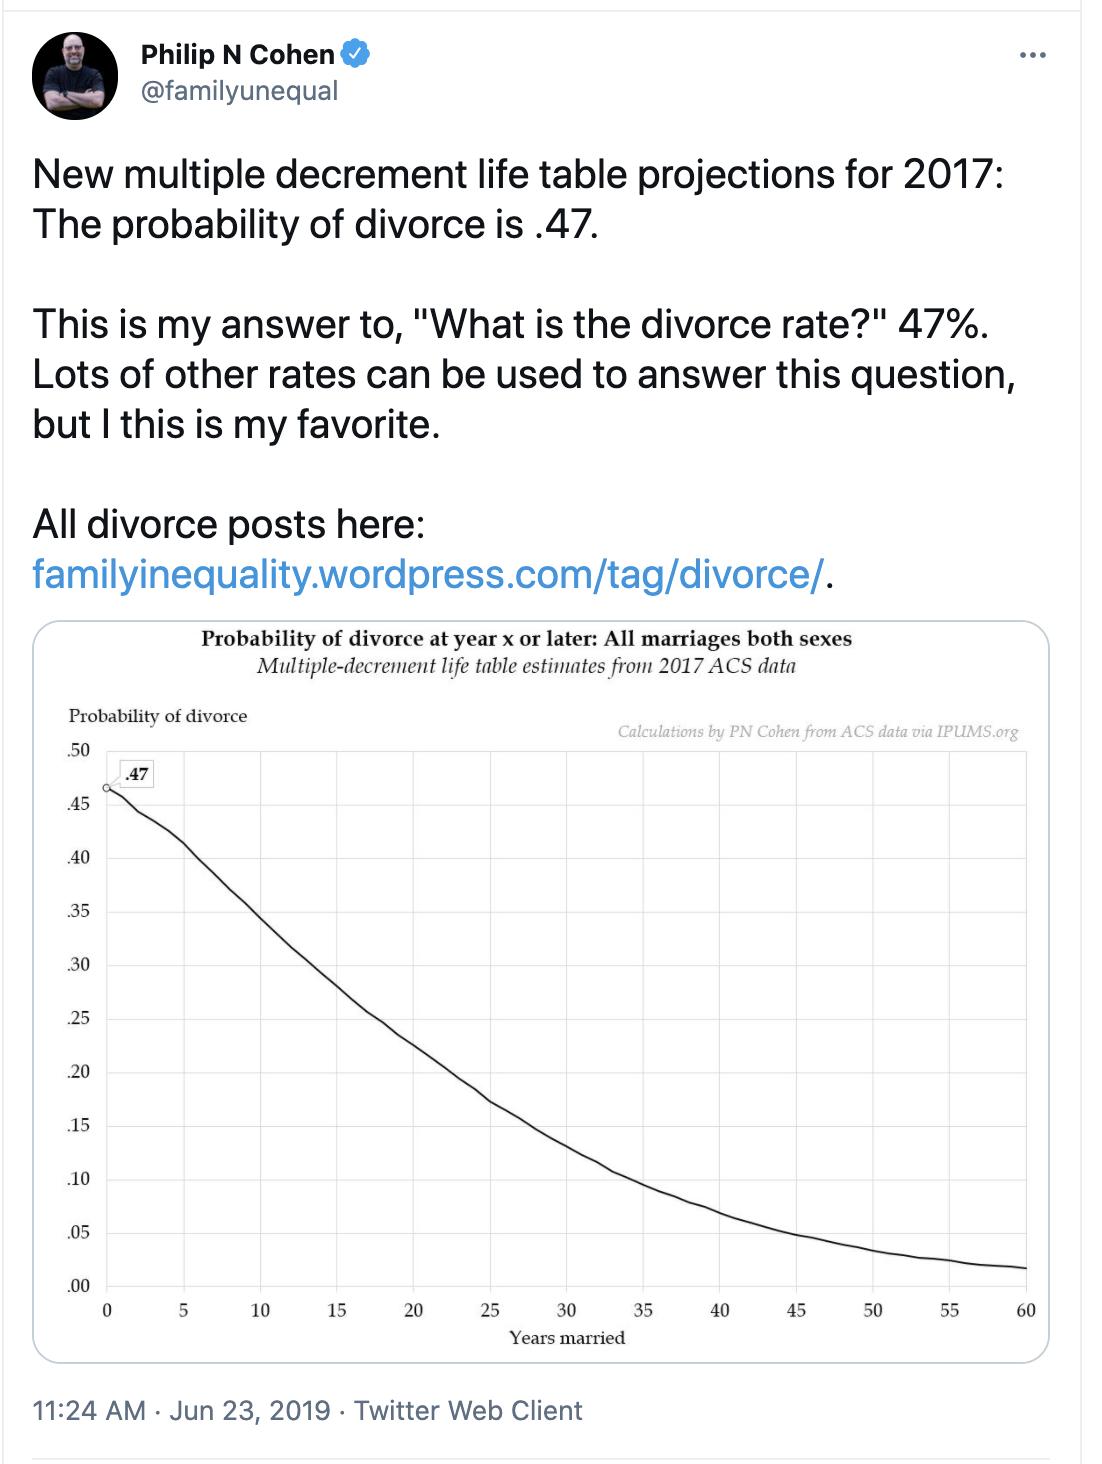 U.S. Divorce Rate is 47% per demographer Philiip N. Cohen, University of Maryland